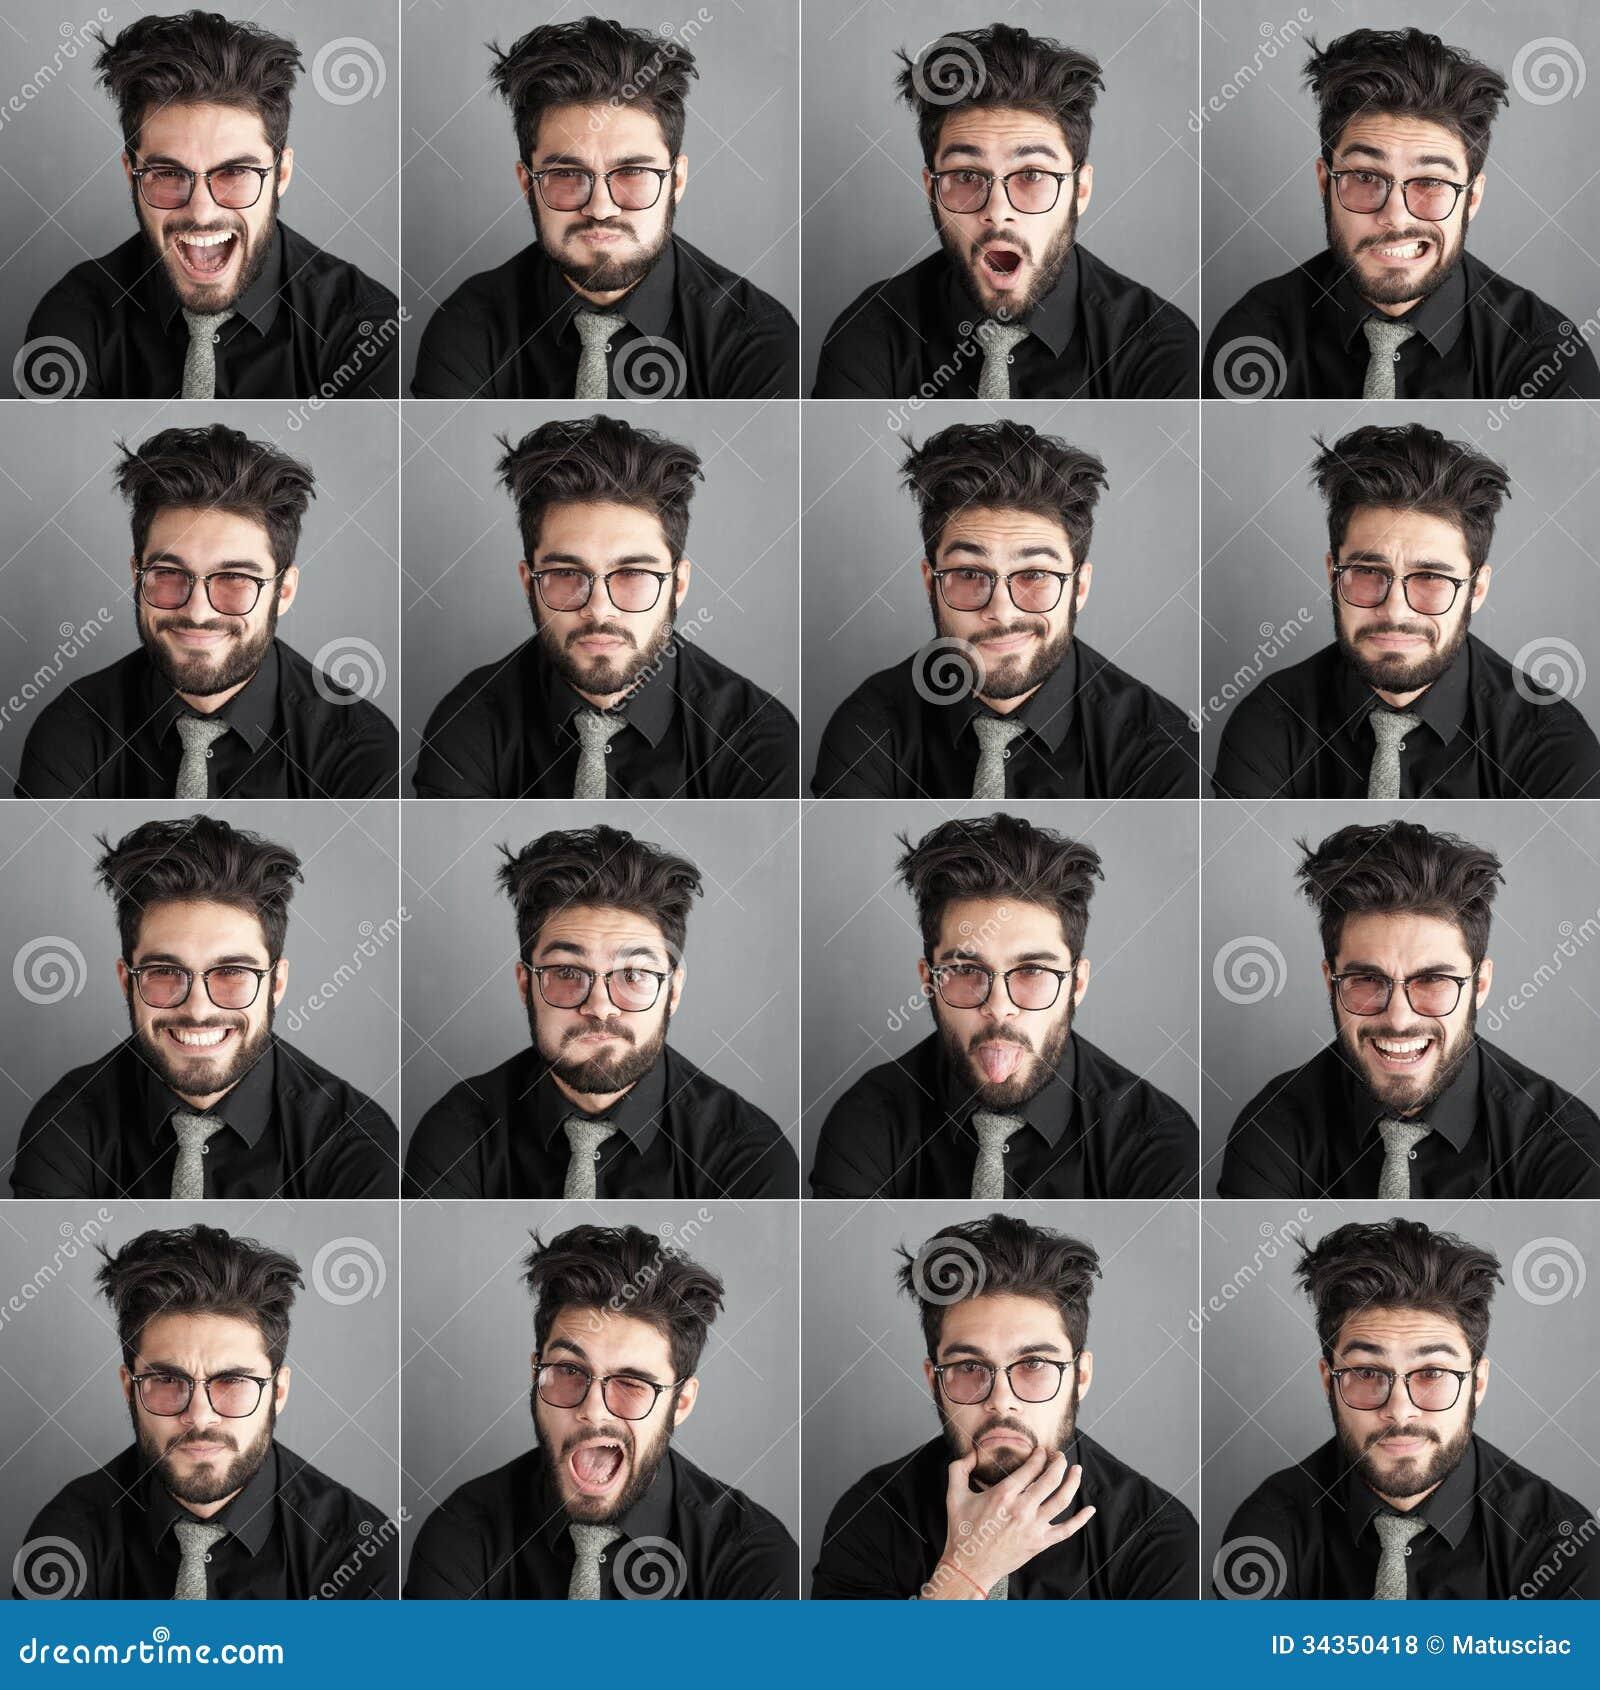 Set expresions przystojny mężczyzna z oko brodą i szkłami